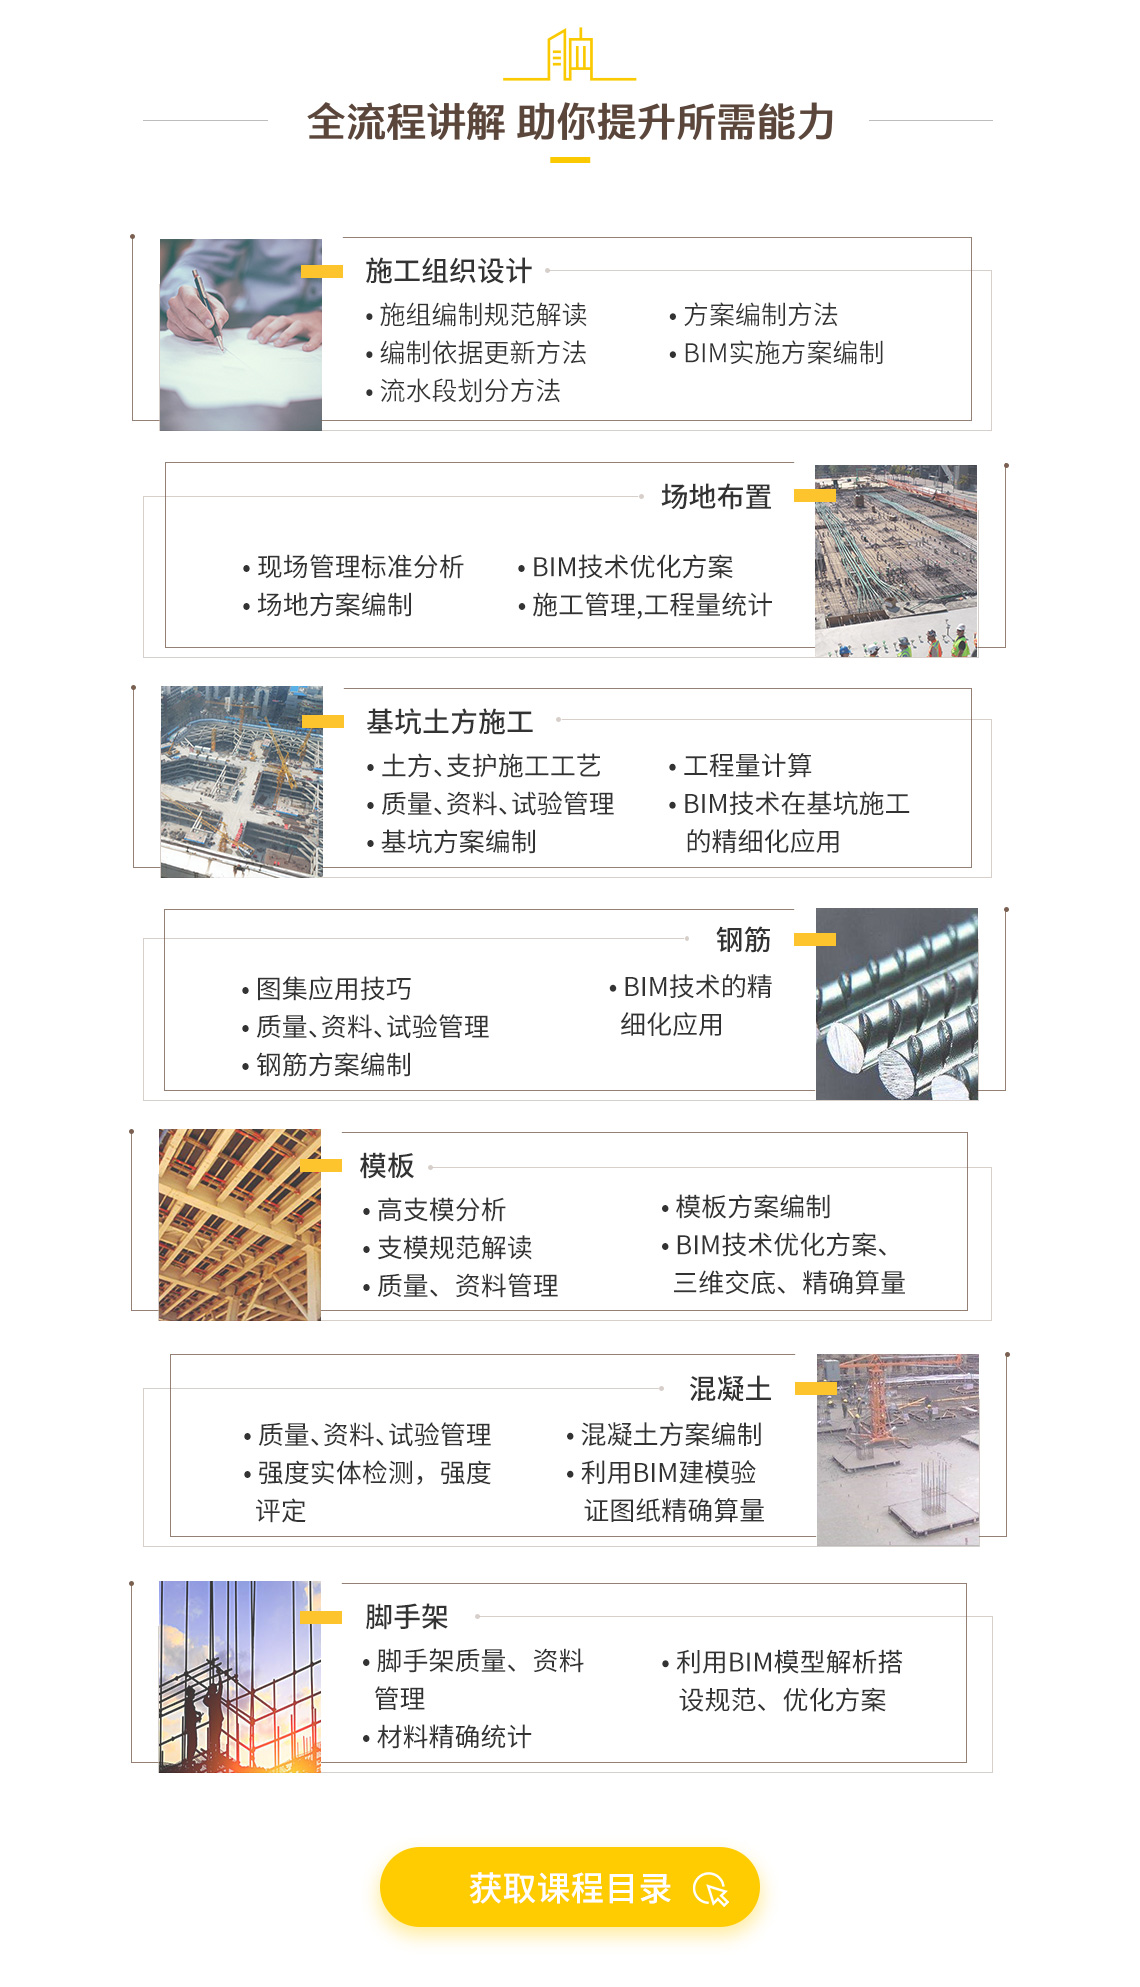 课程包含技术员晋升必备的7大模块:施组、场地、基坑&土方、钢筋、模板、混凝土、脚手架,将各模块的施工技术重点,结合BIM施工案例,逐一分析。